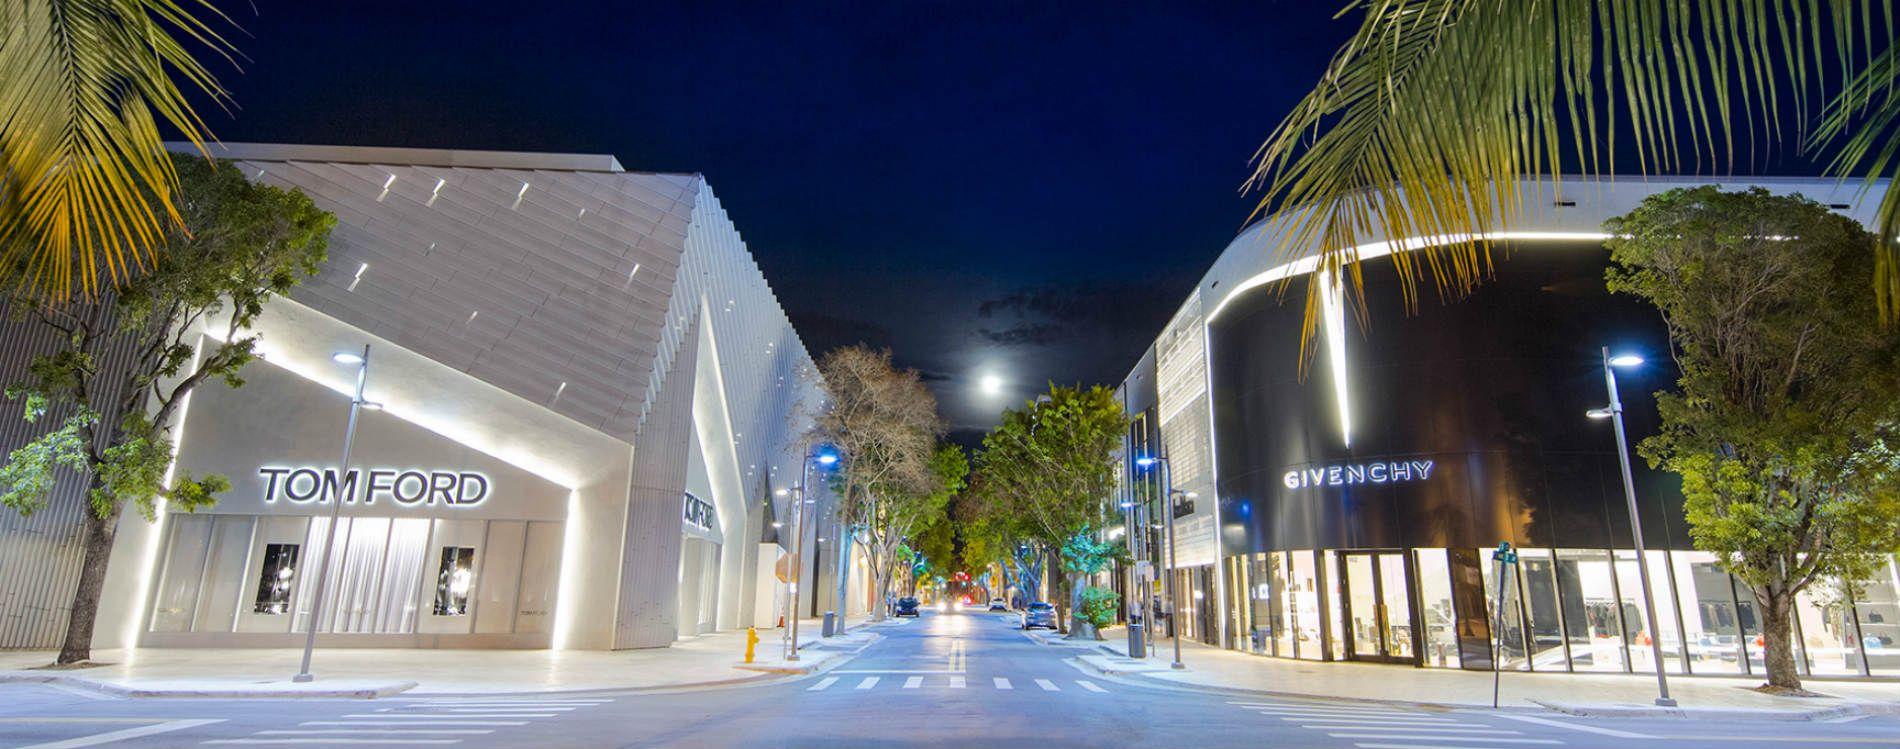 吉文奇湯姆福特邁阿密設計區